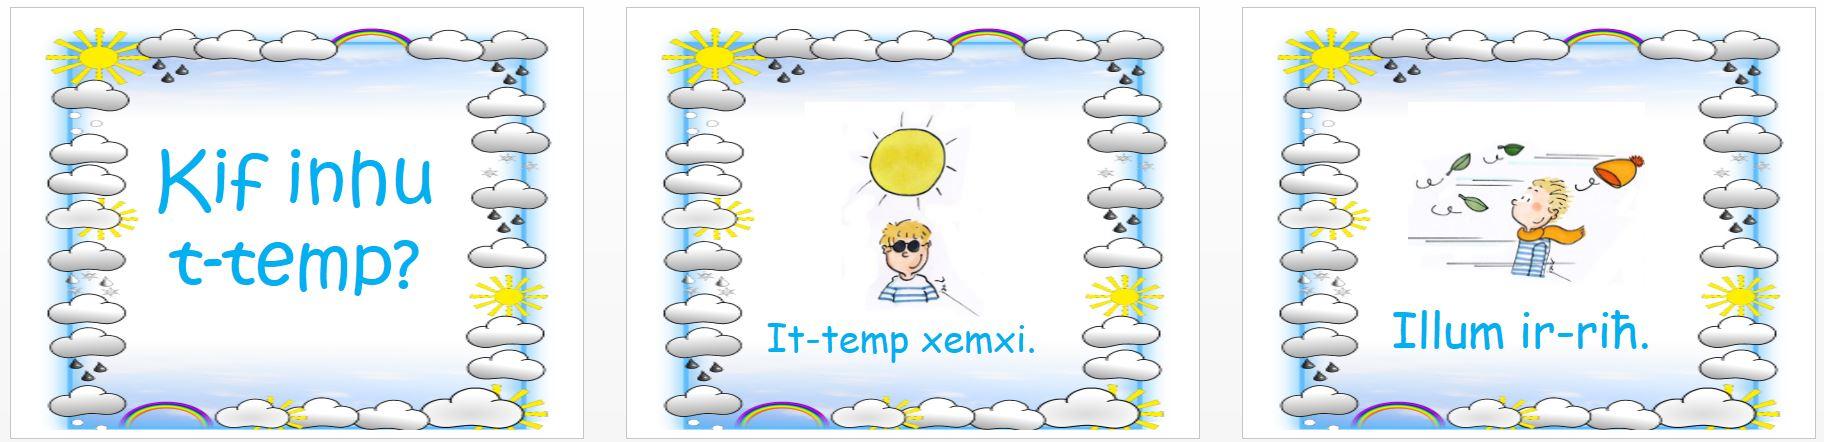 Kif inhu t-temp